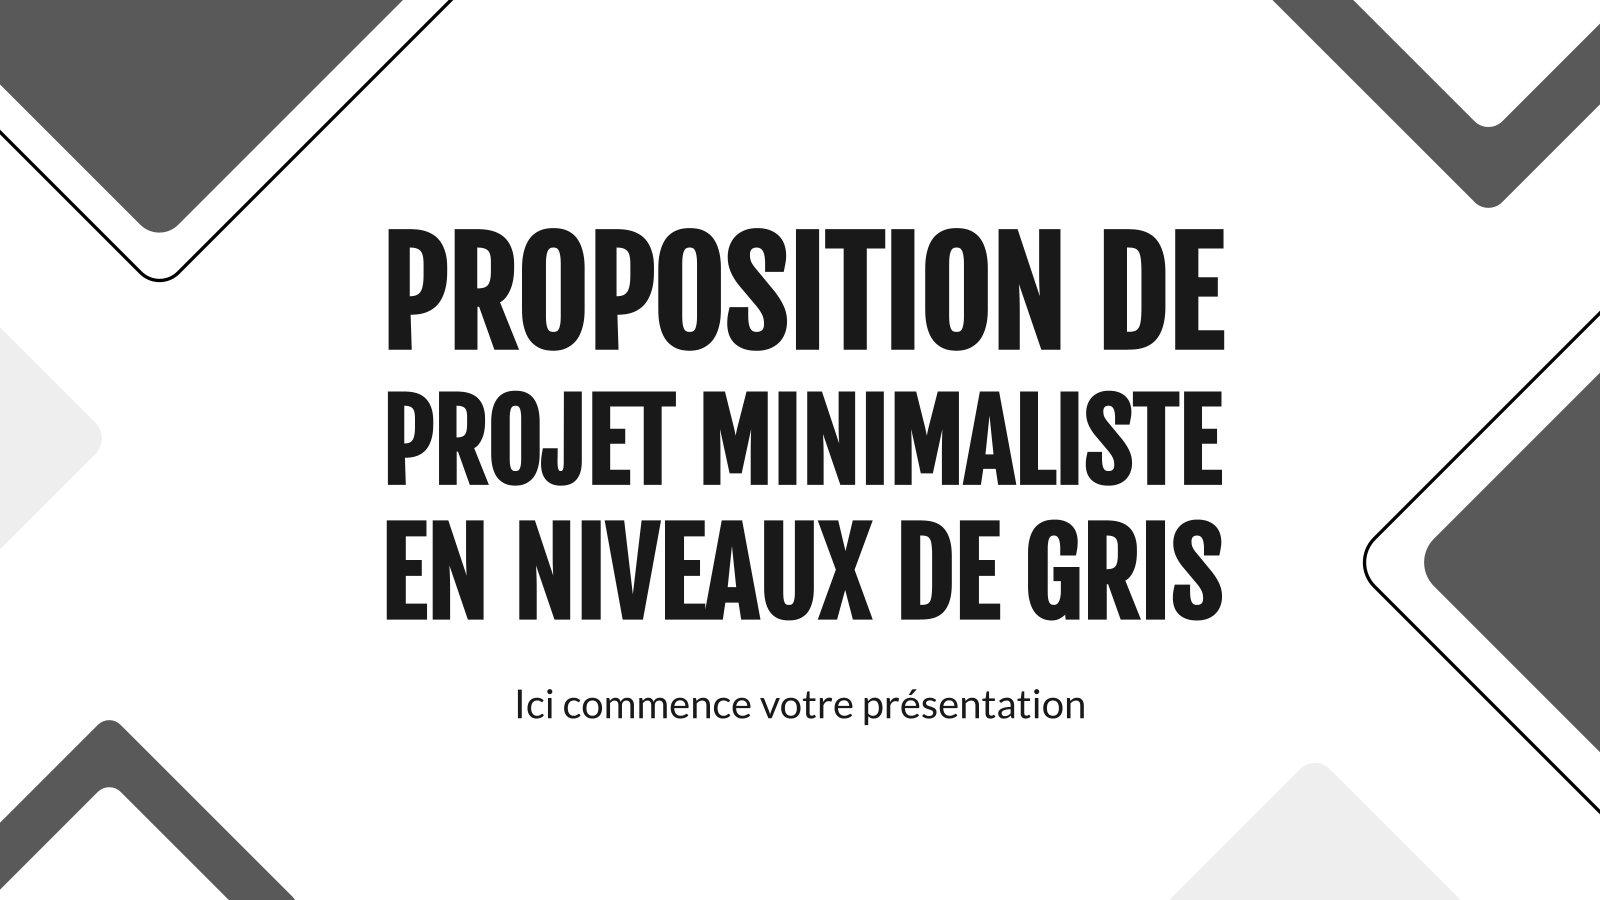 Proposition de projet minimaliste en niveaux de gris : Modèles de présentation